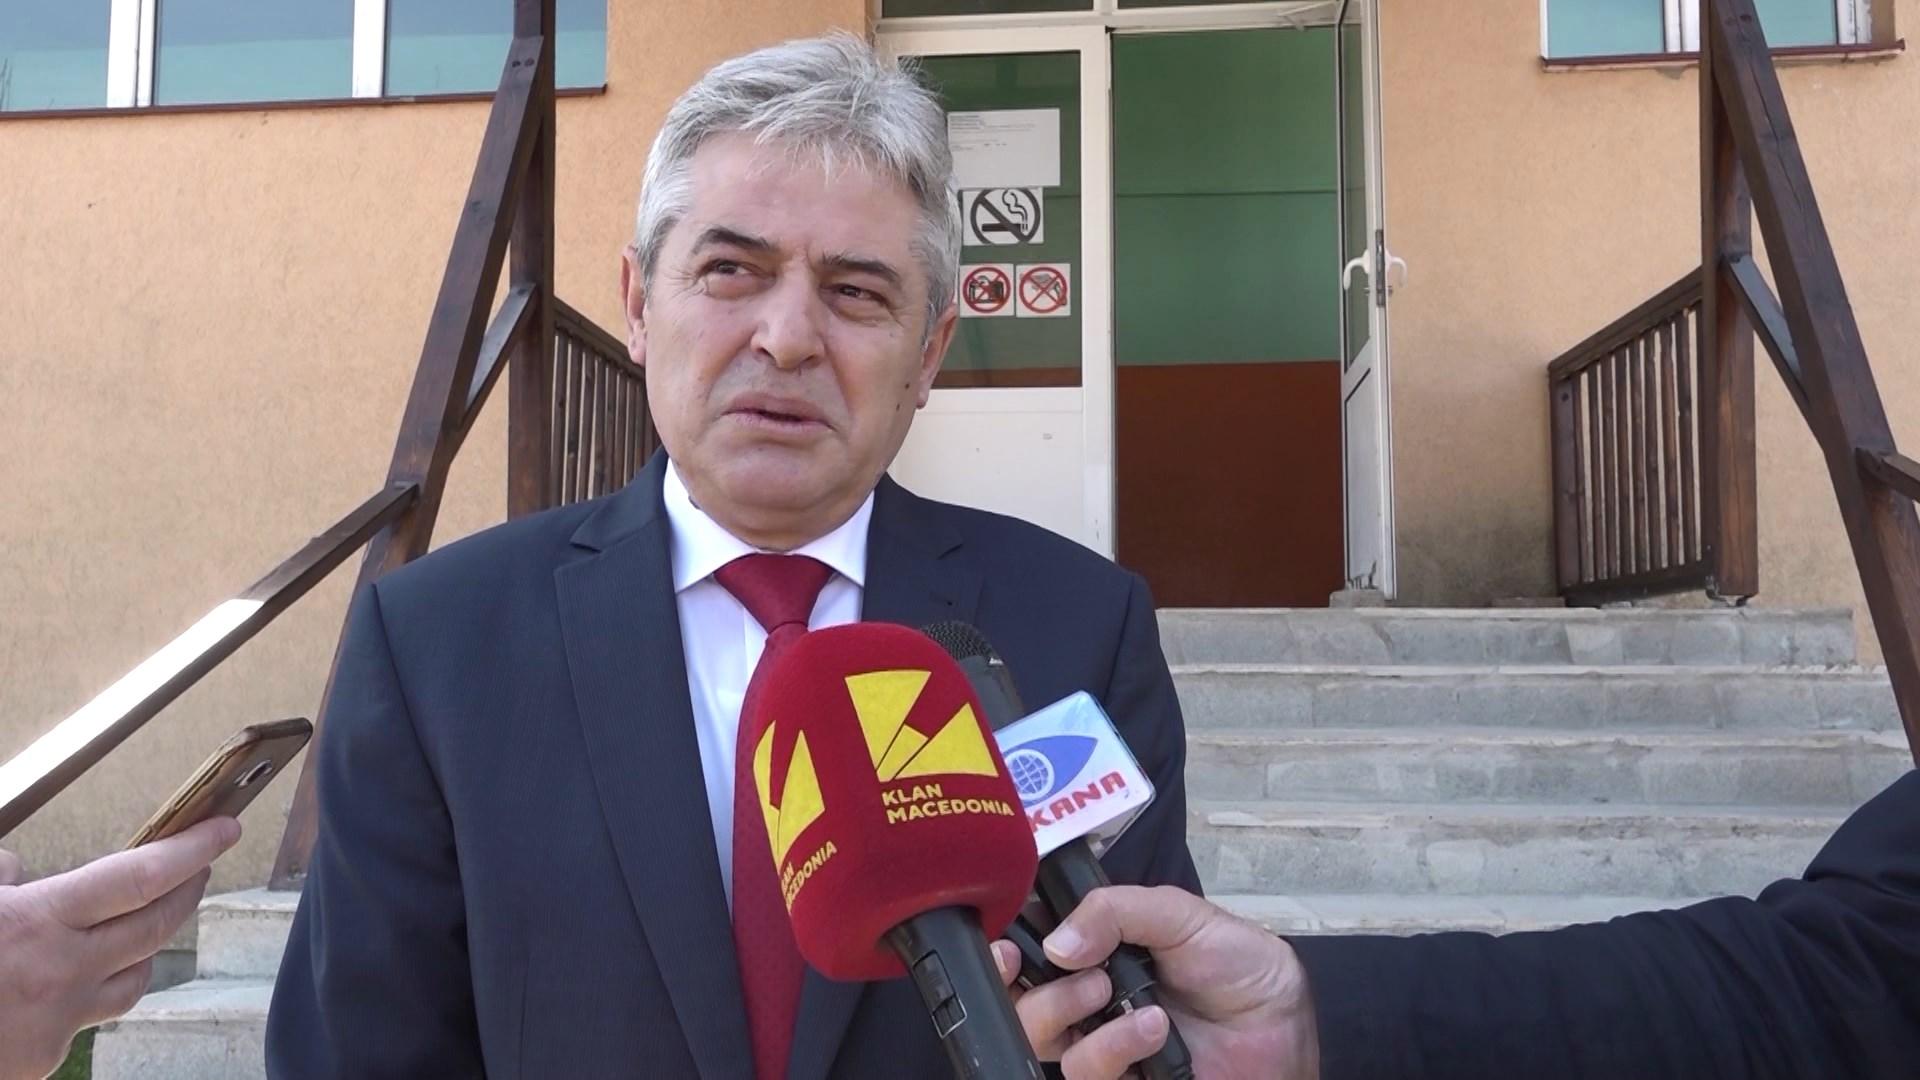 Zgjedhjet në Maqedoni, liderët shqiptarë: Procesi i drejtë